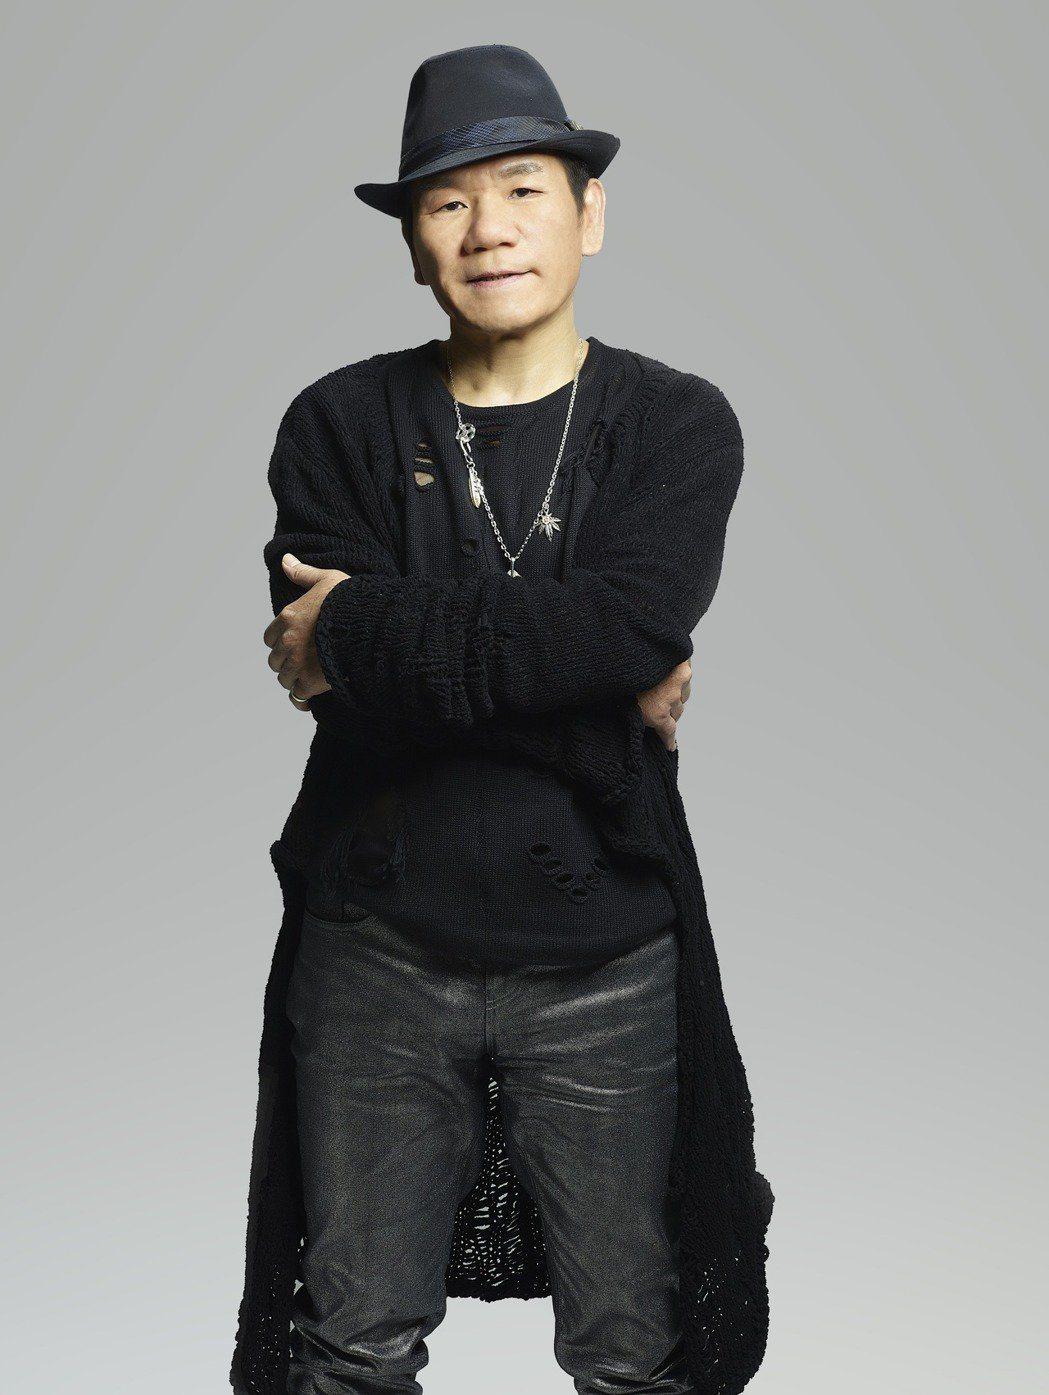 趙傳「人生大夢」演唱會受疫情影響二度延期。圖/旋風音樂提供